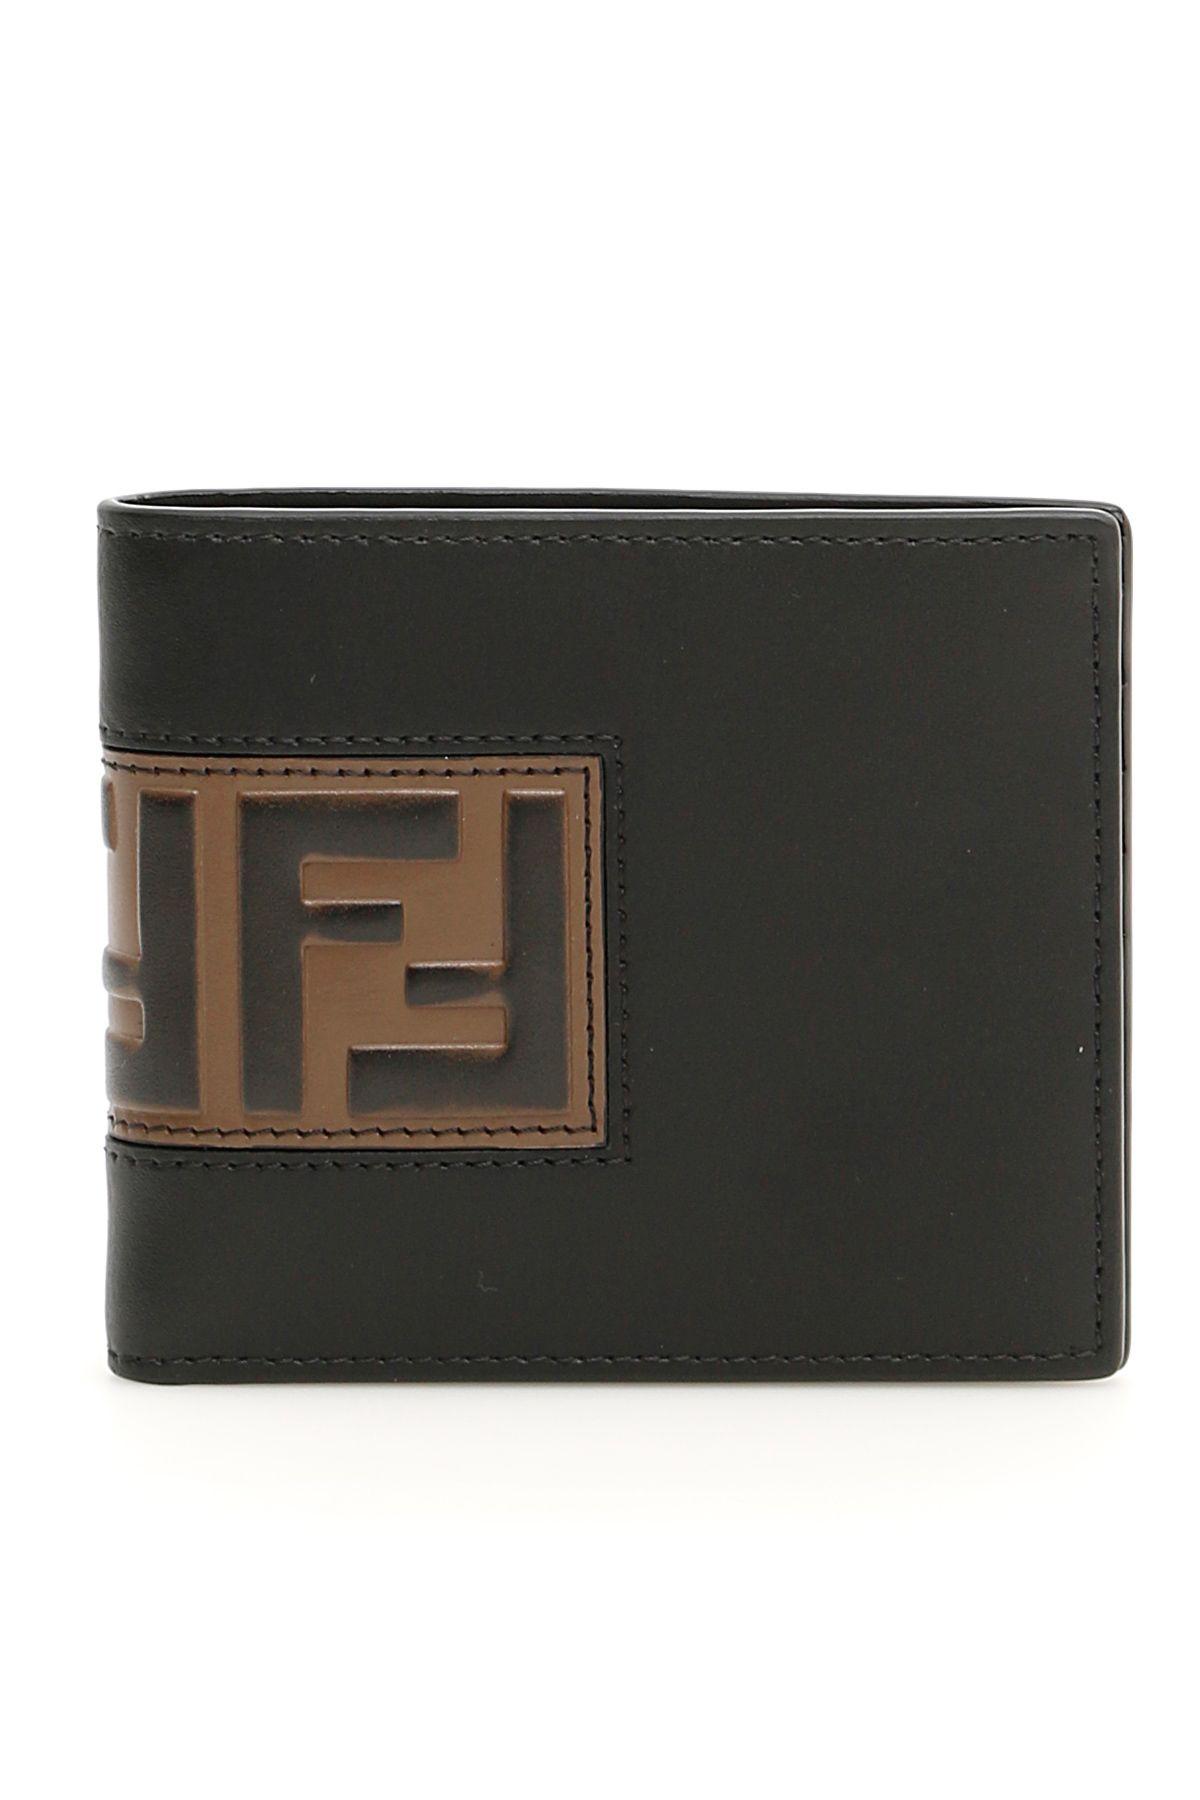 Fendi Liberty Calfskin Wallet